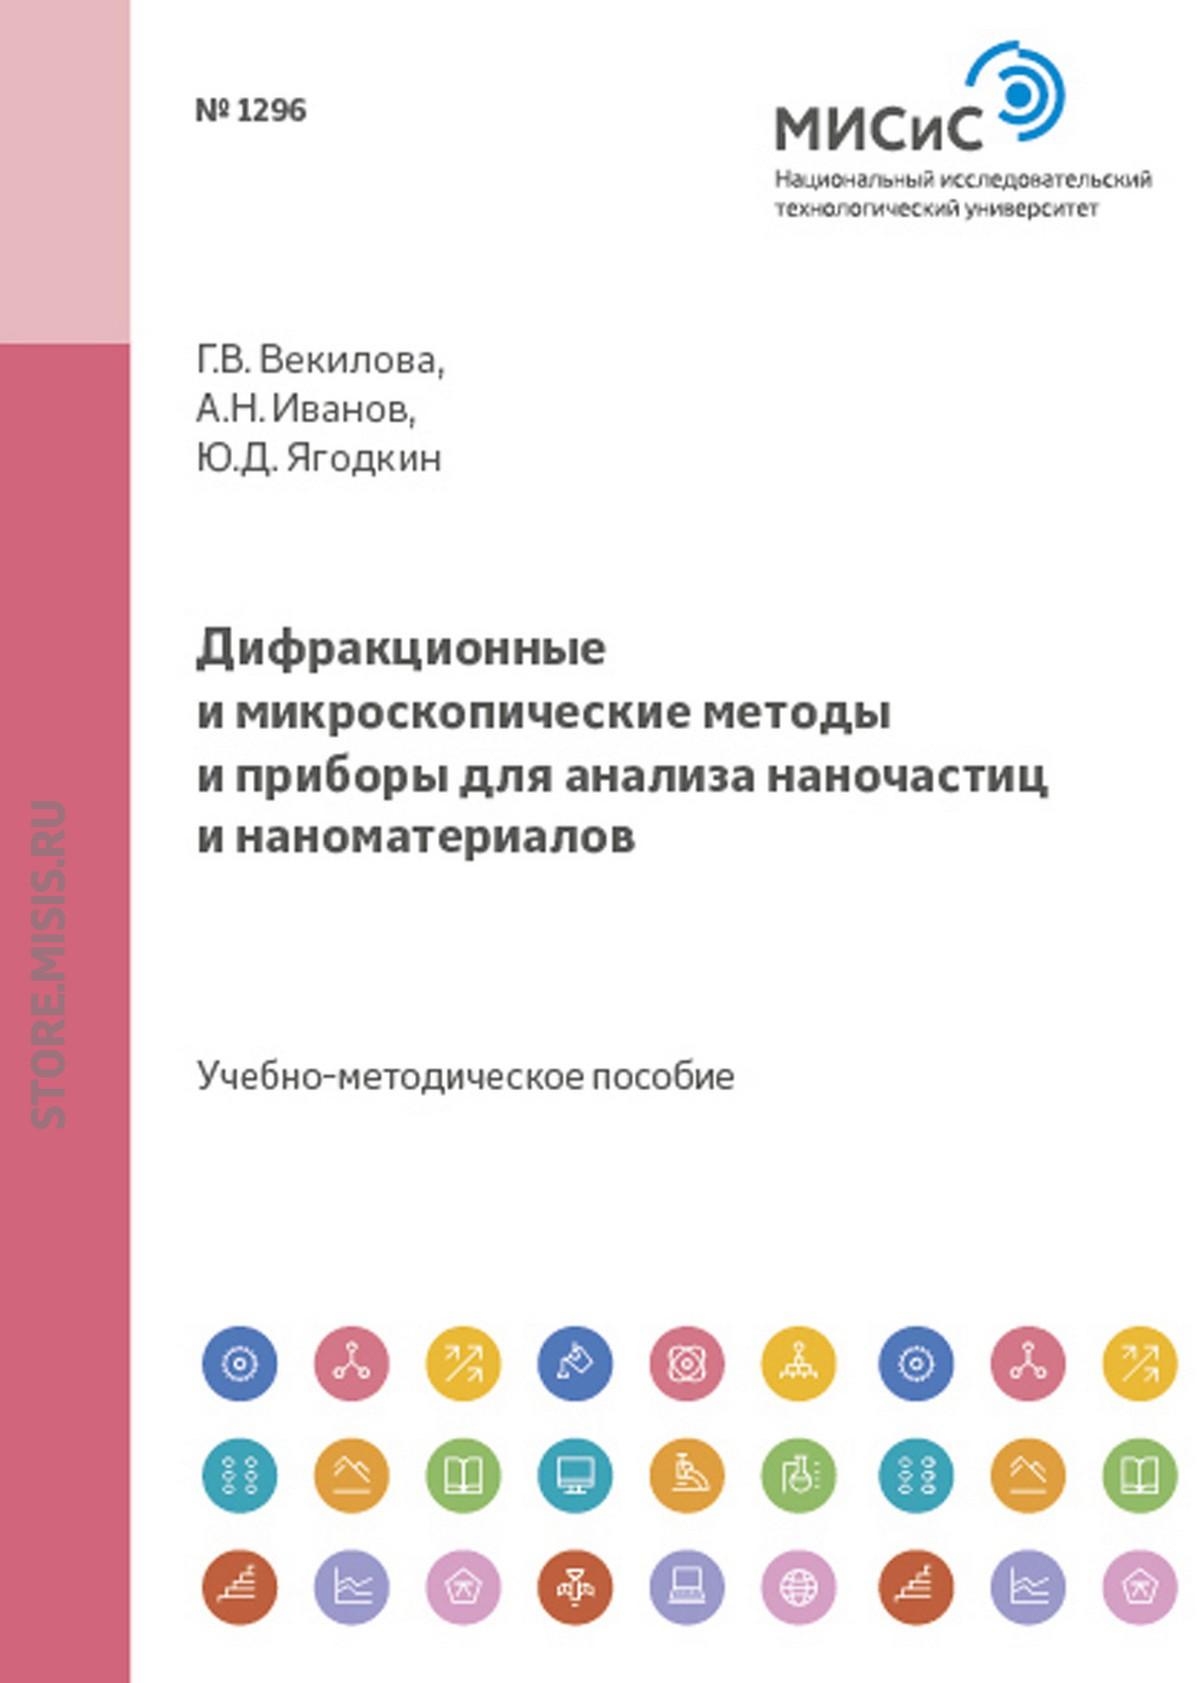 Юрий Ягодкин Дифракционные и микроскопические методы и приборы для анализа наночастиц и наноматериалов